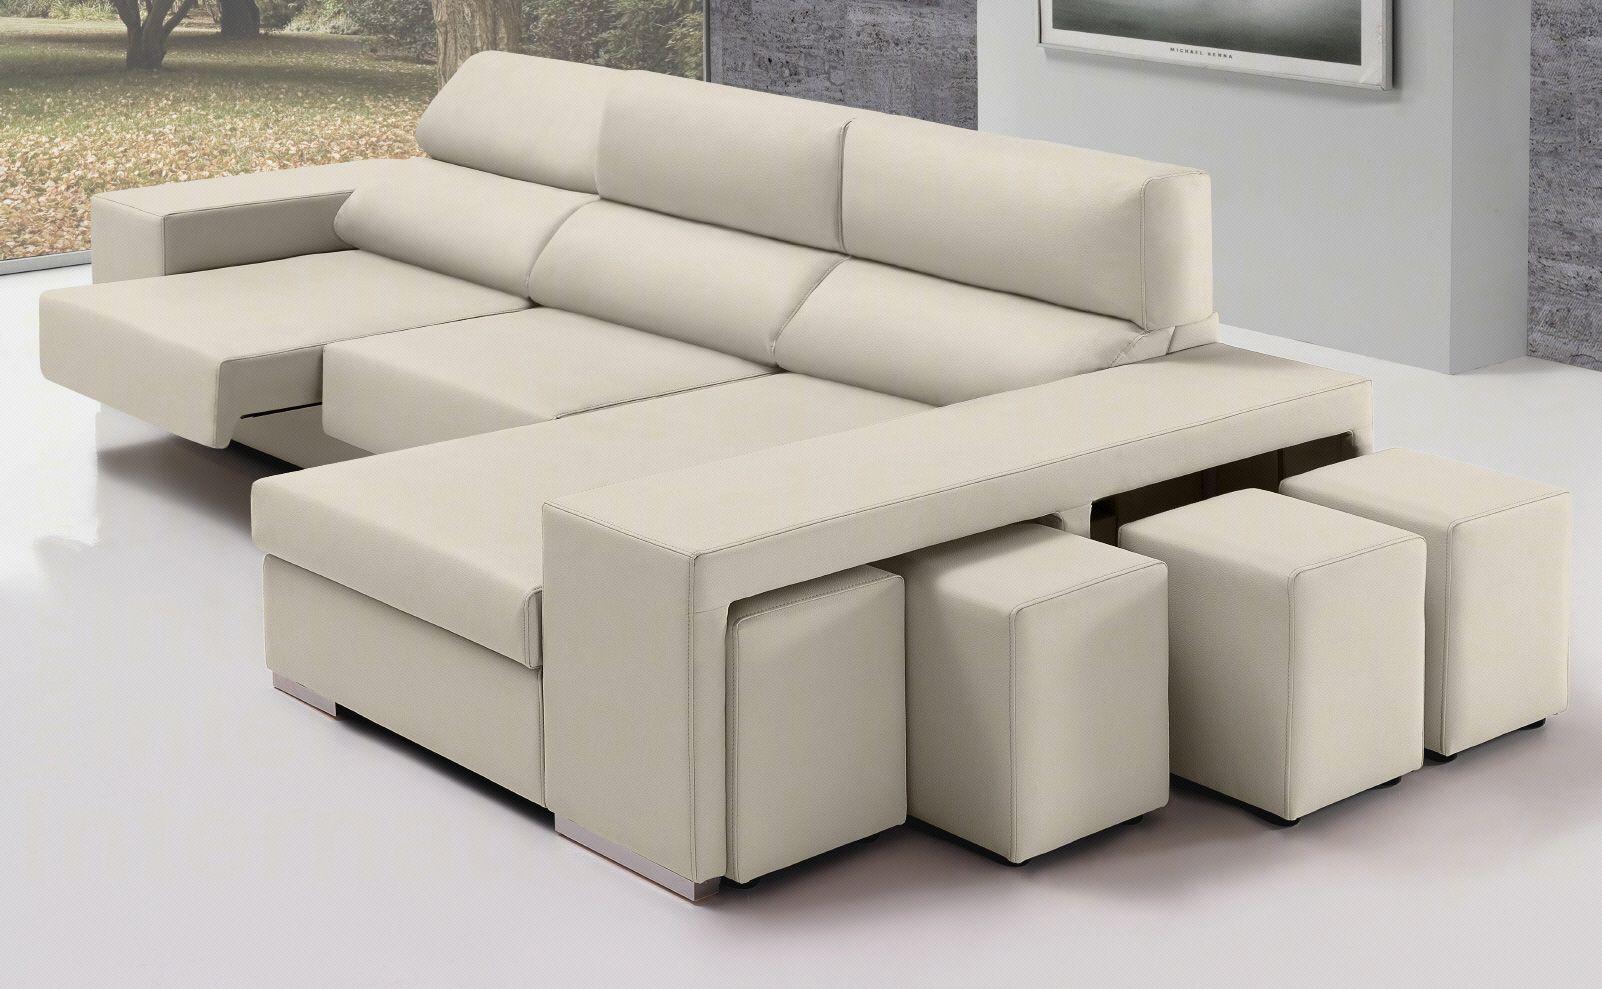 sof u00e1 de ecopiel o microfibra  u00c9rica de home  dise u00f1o de gran comodidad  con asientos deslizantes y